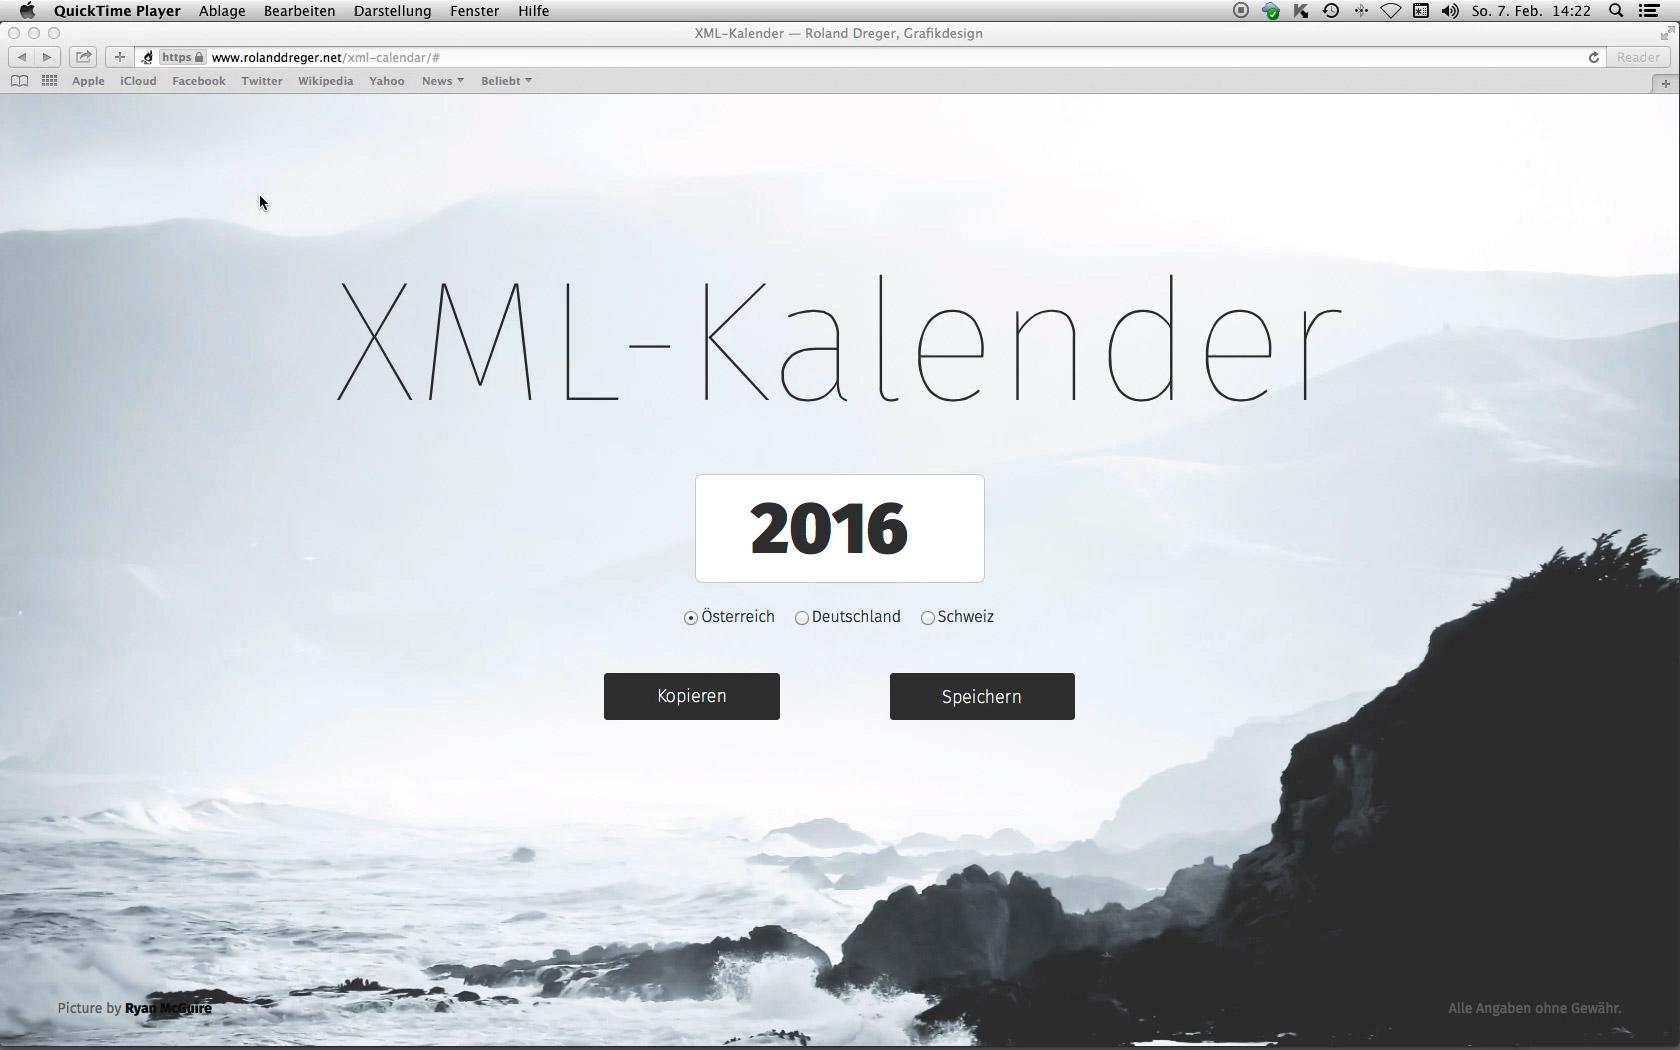 Kalender-Vorlagen für InDesign — Roland Dreger, Grafikdesign